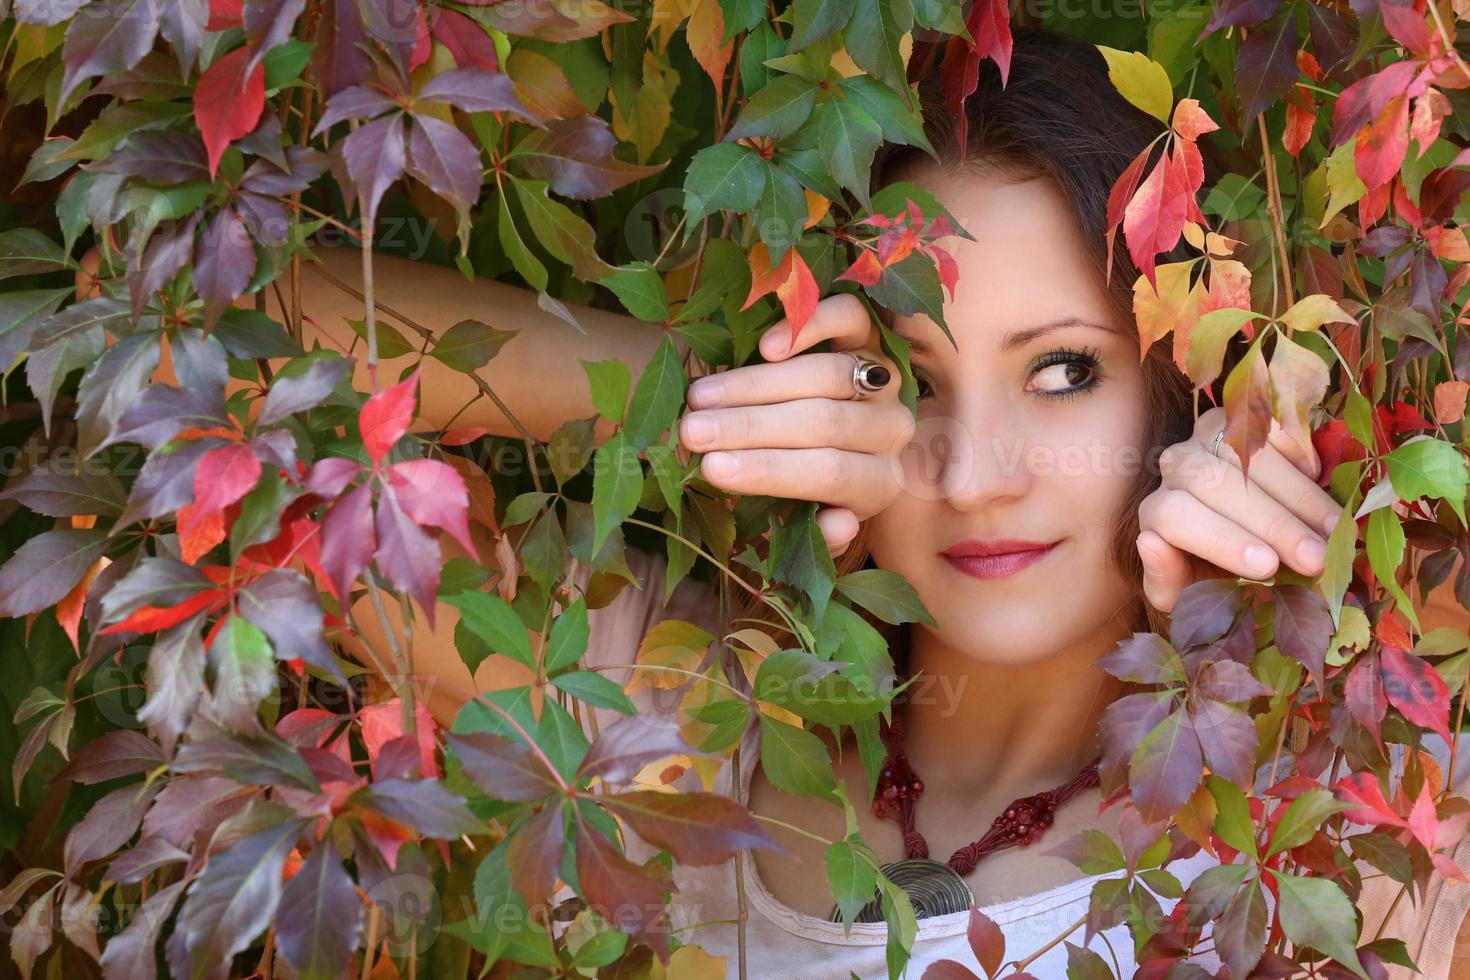 rainha do outono foto